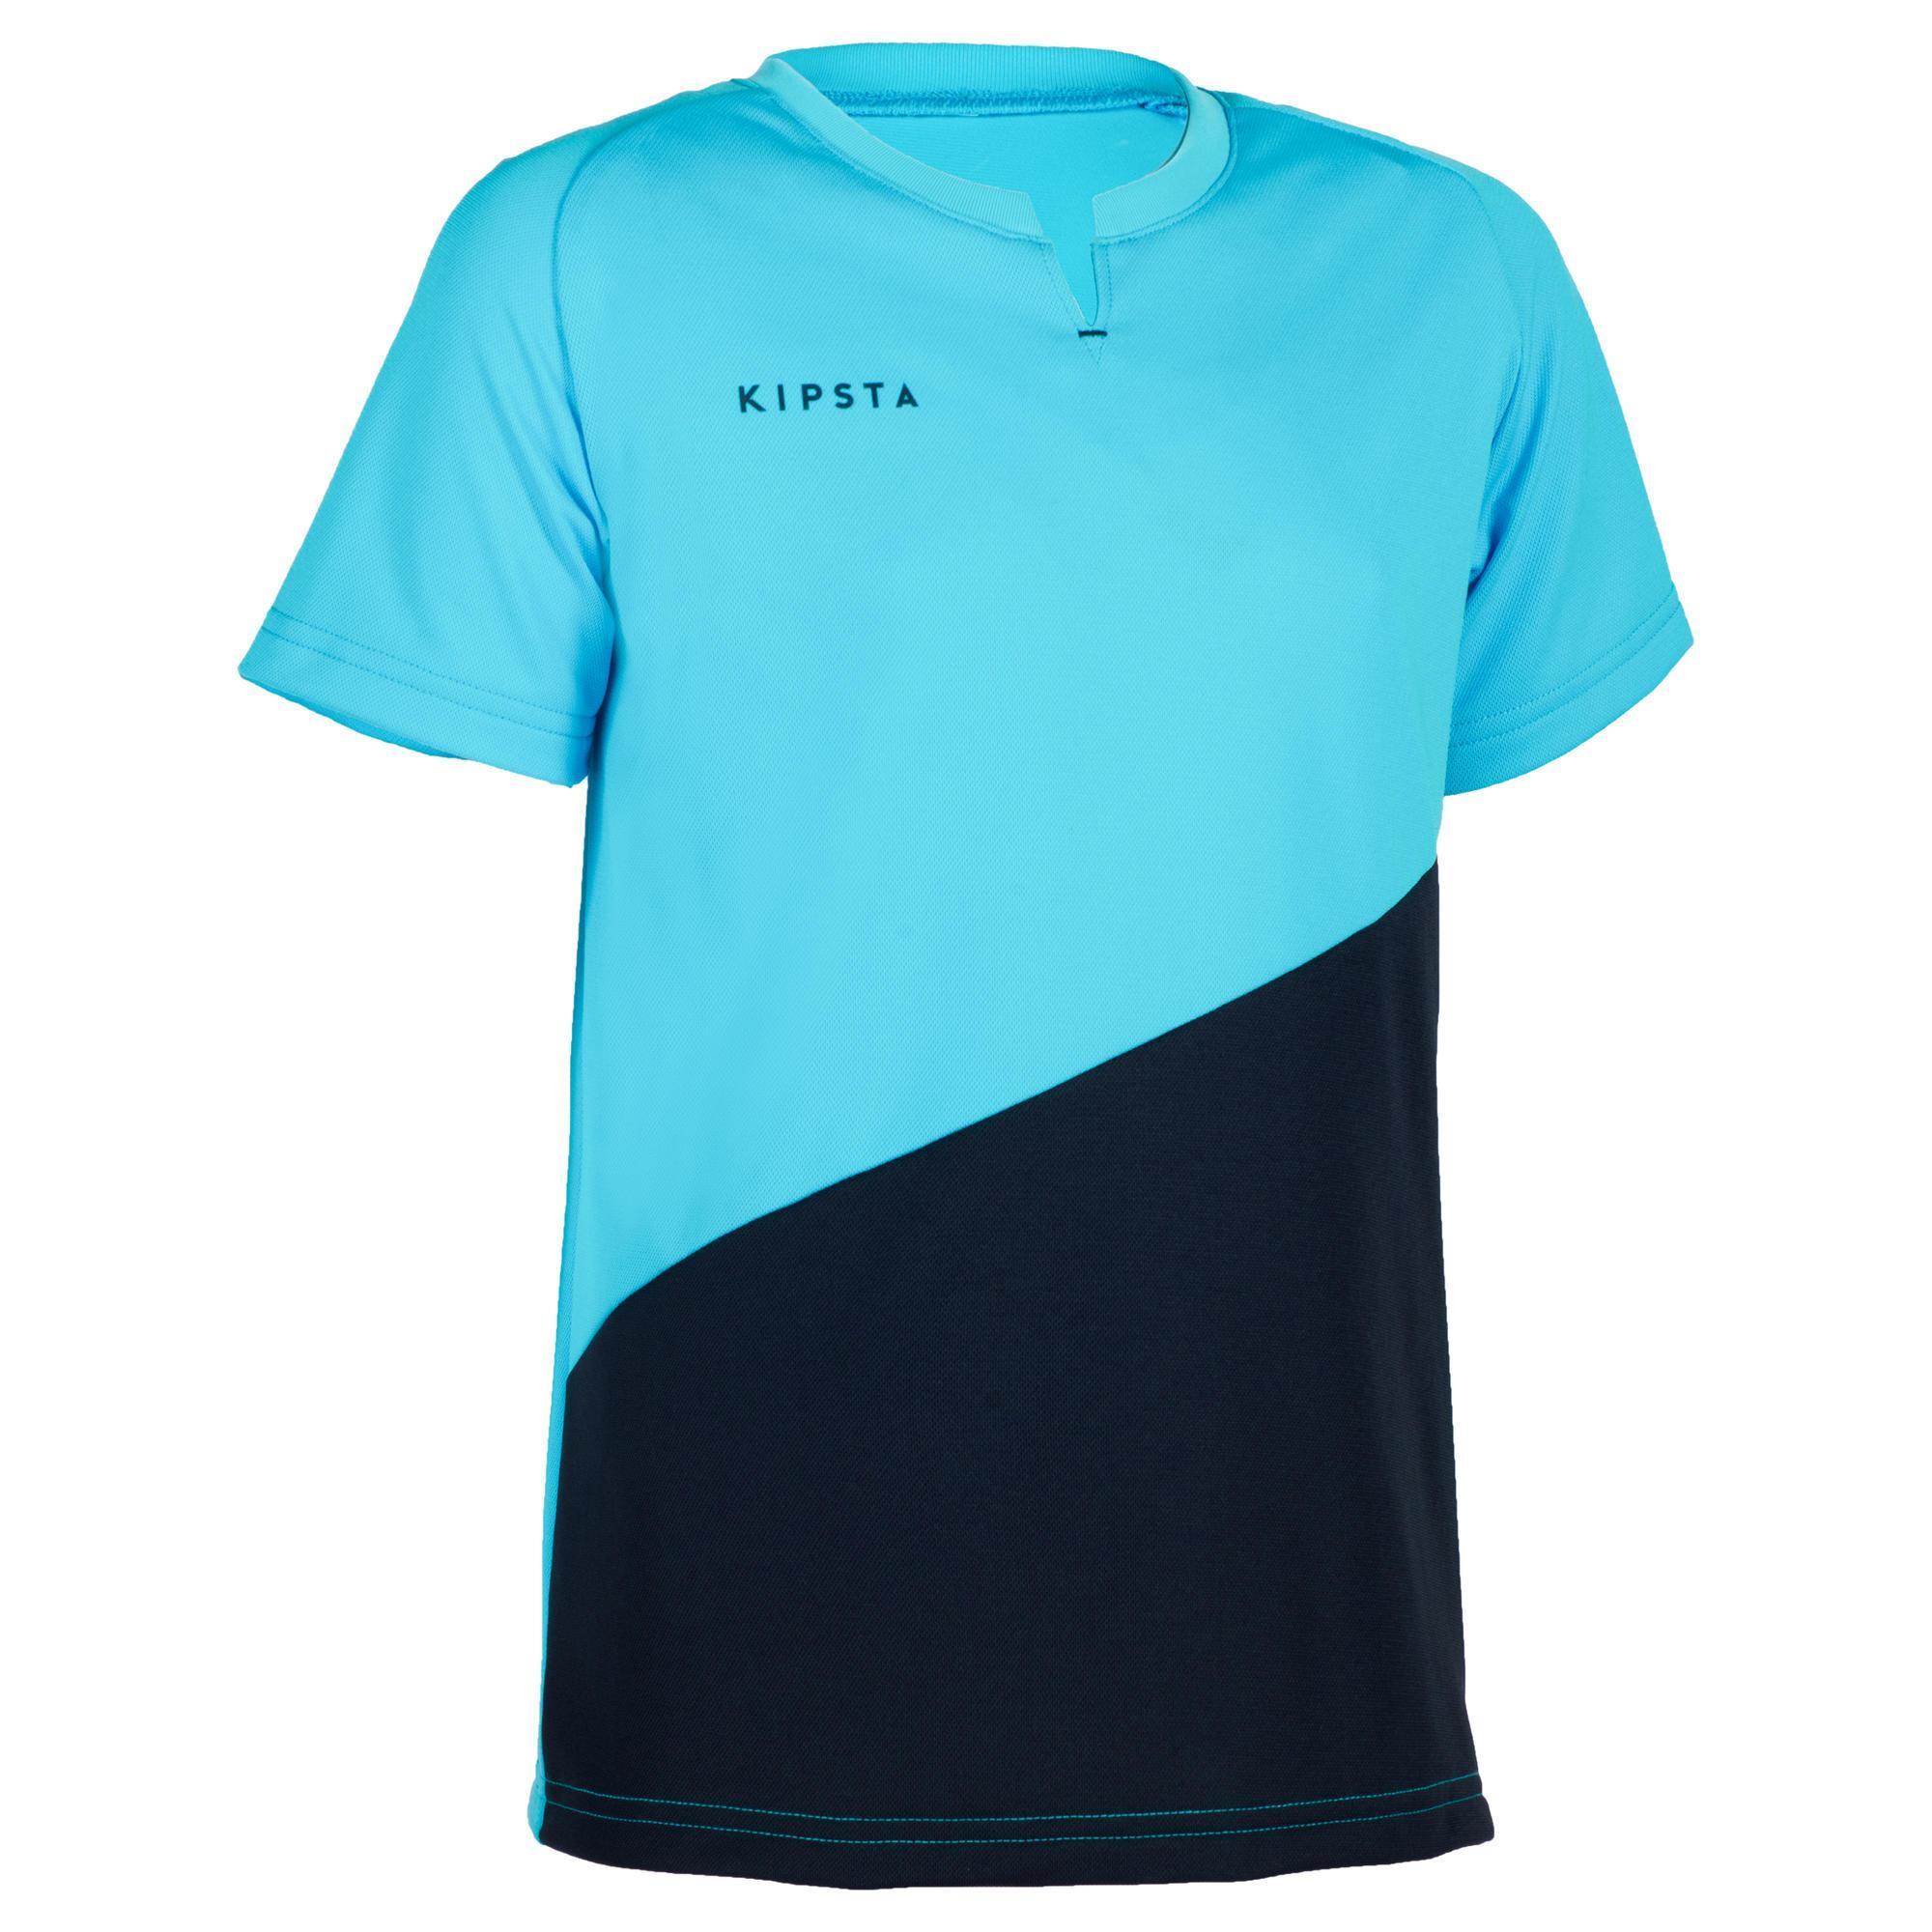 Kipsta Jongensshirt voor veldhockey FH100 marineblauw/lichtblauw